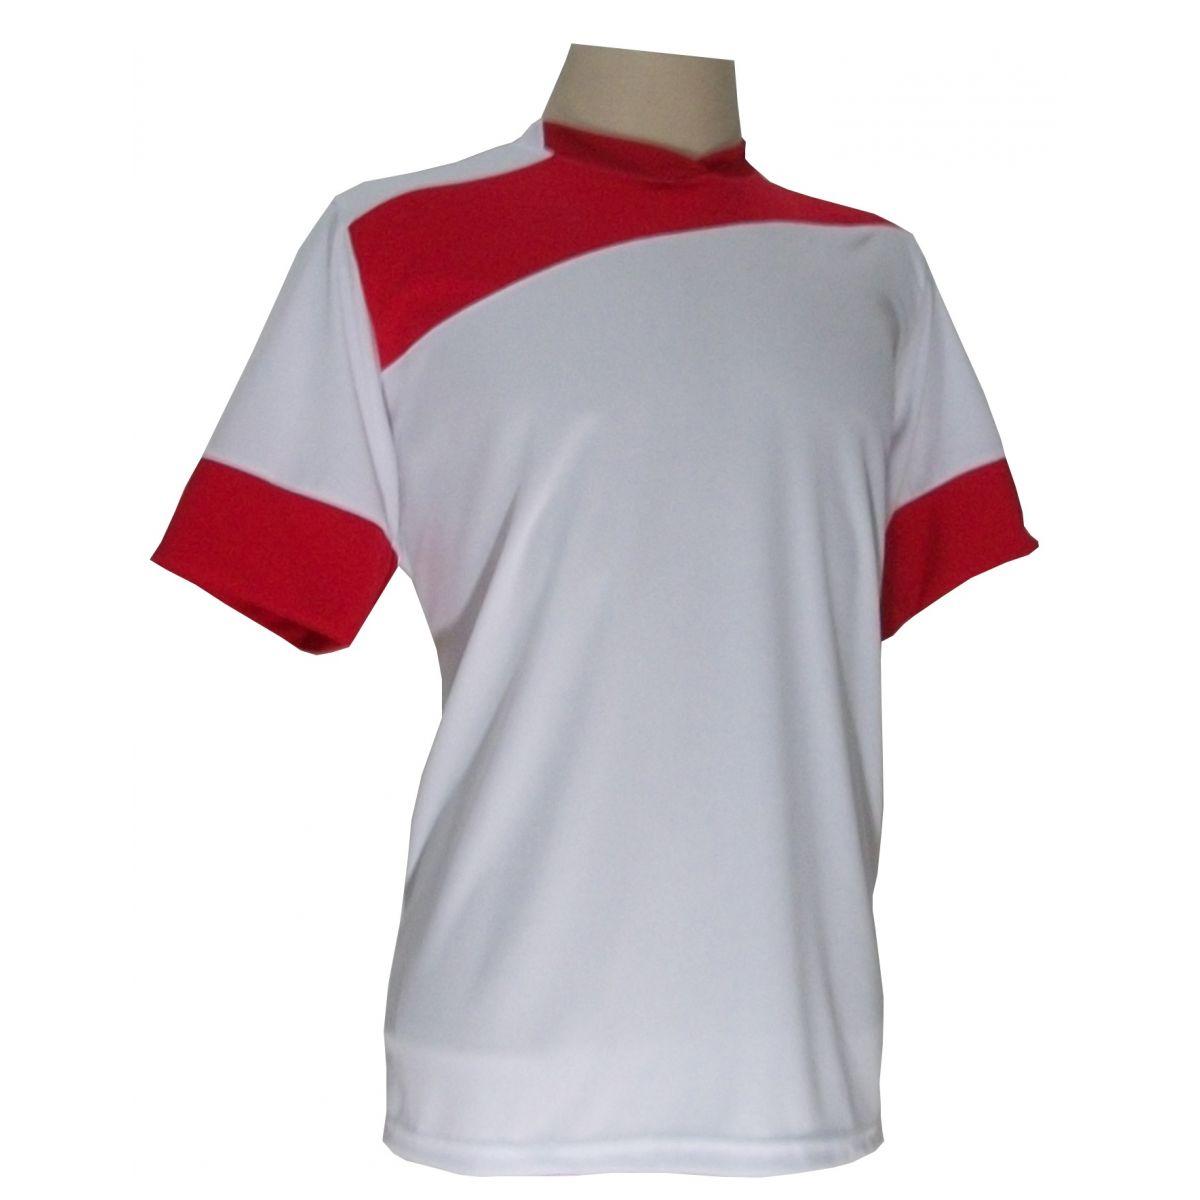 Jogo de Camisa com 14 unidades modelo Sporting Branco/Vermelho + 1 Goleiro + Brindes